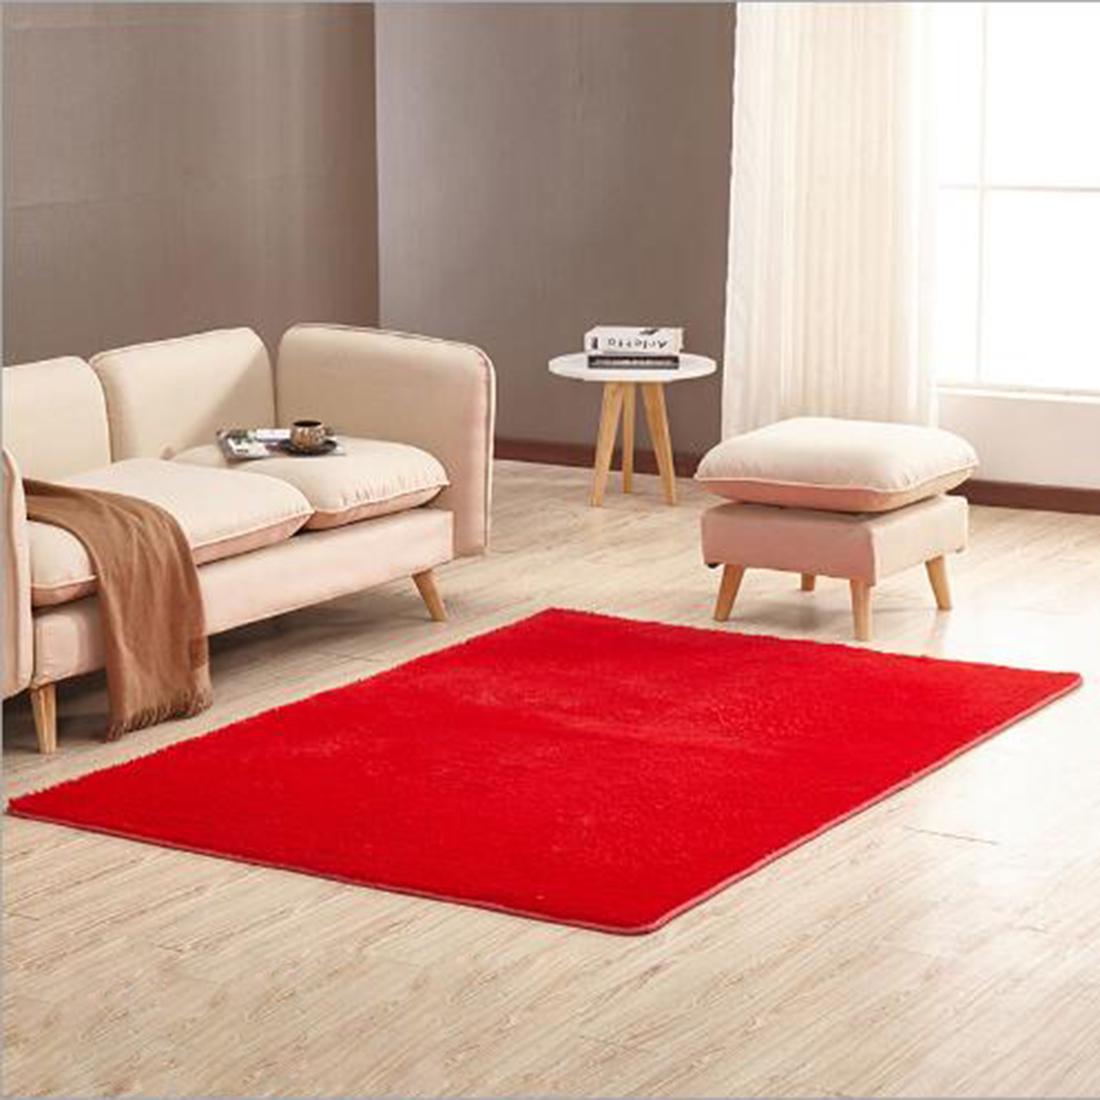 应用定制卧室客厅的桌子上雪尼尔地毯雪尼尔地毯不同规模160 * 230CM